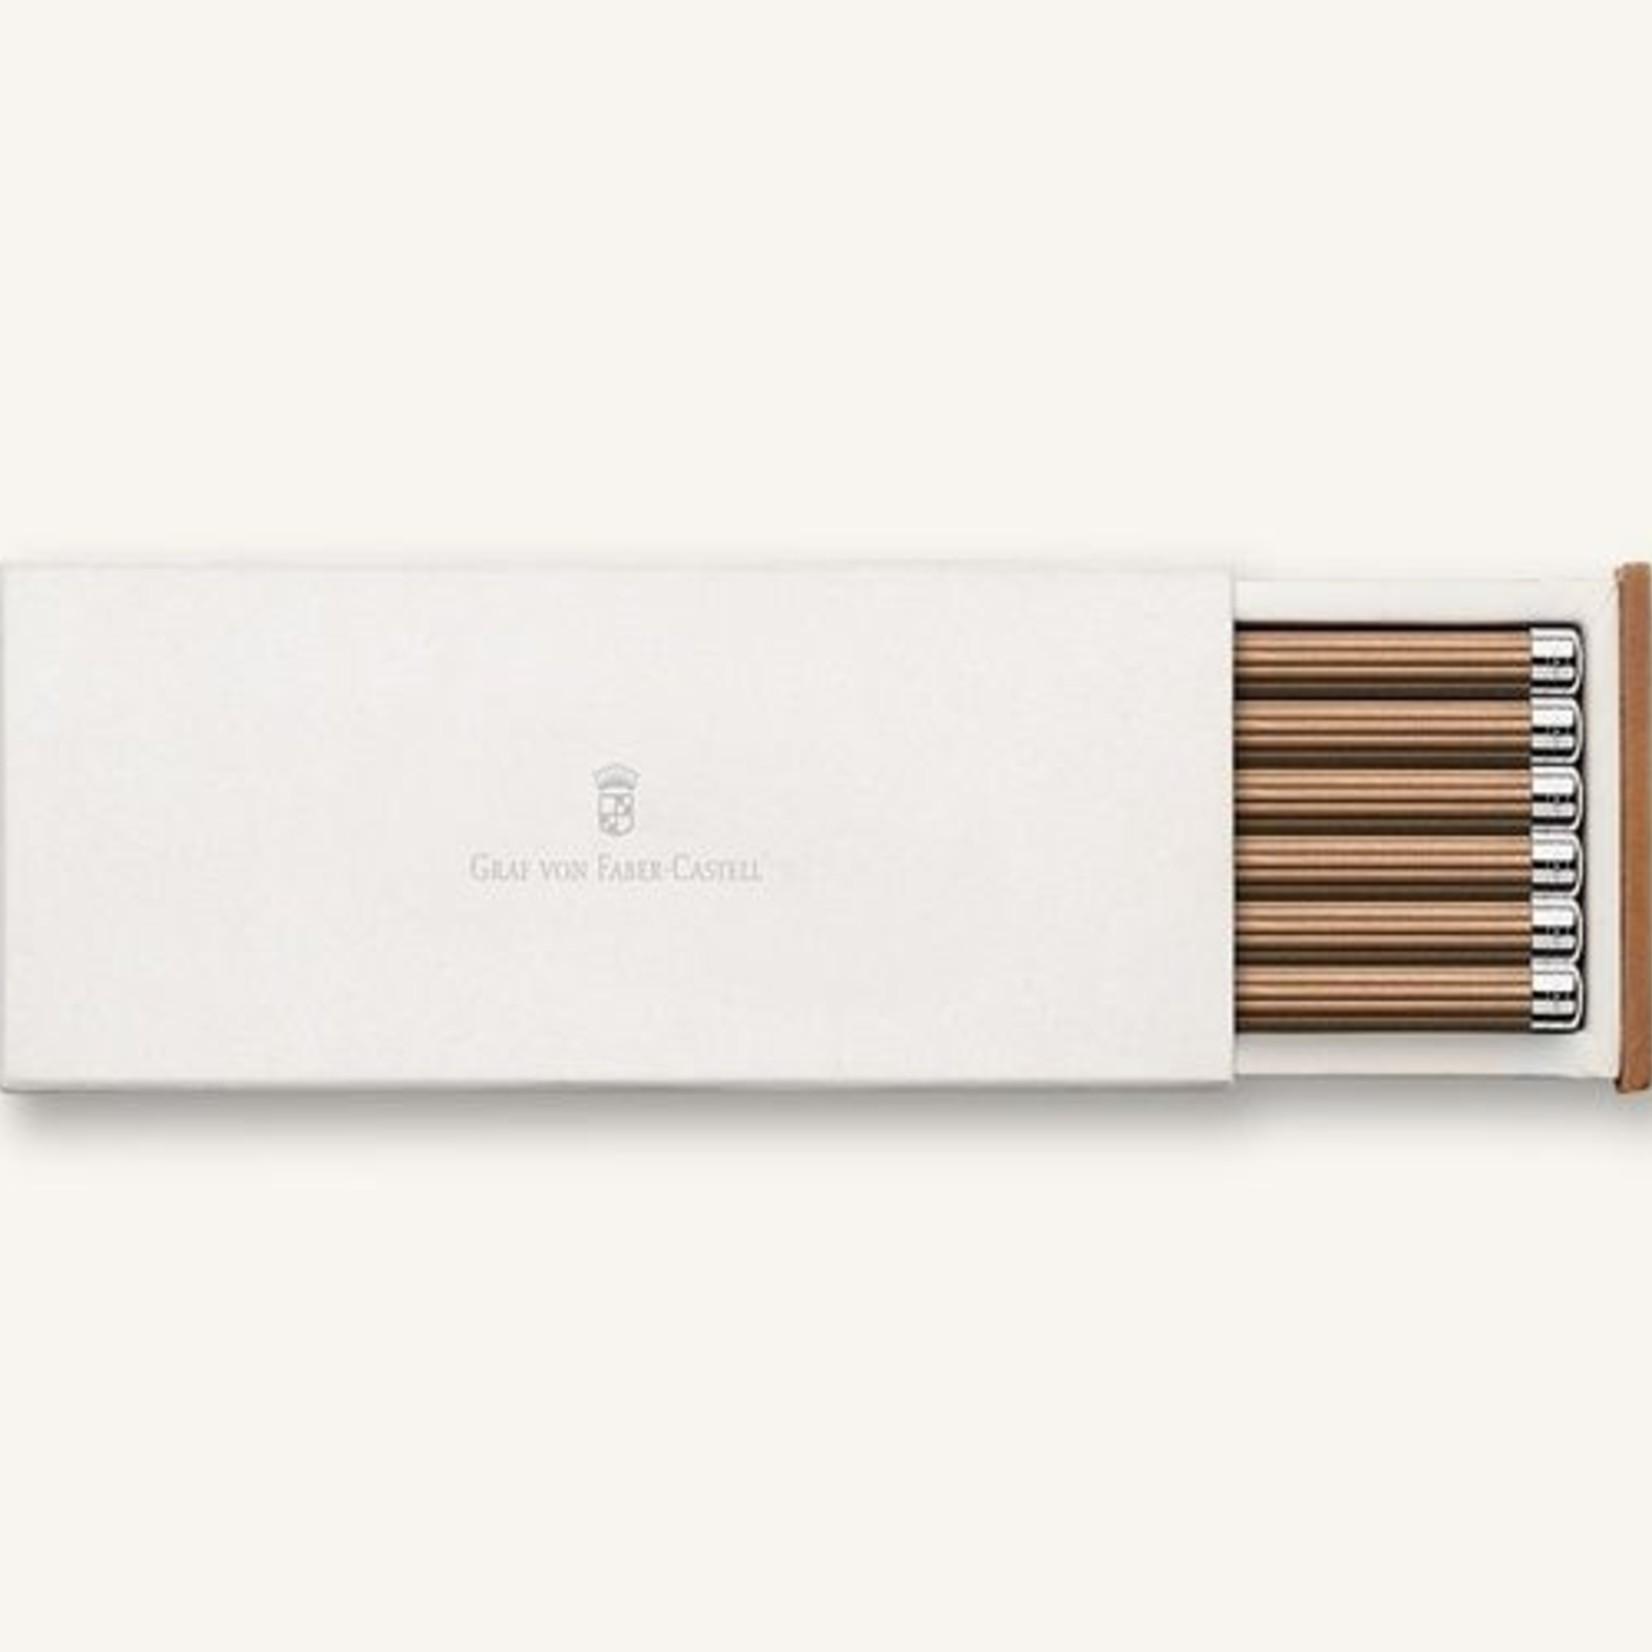 Faber-Castell Sechs holzgefasste Bleistifte braun mit Silberkrone